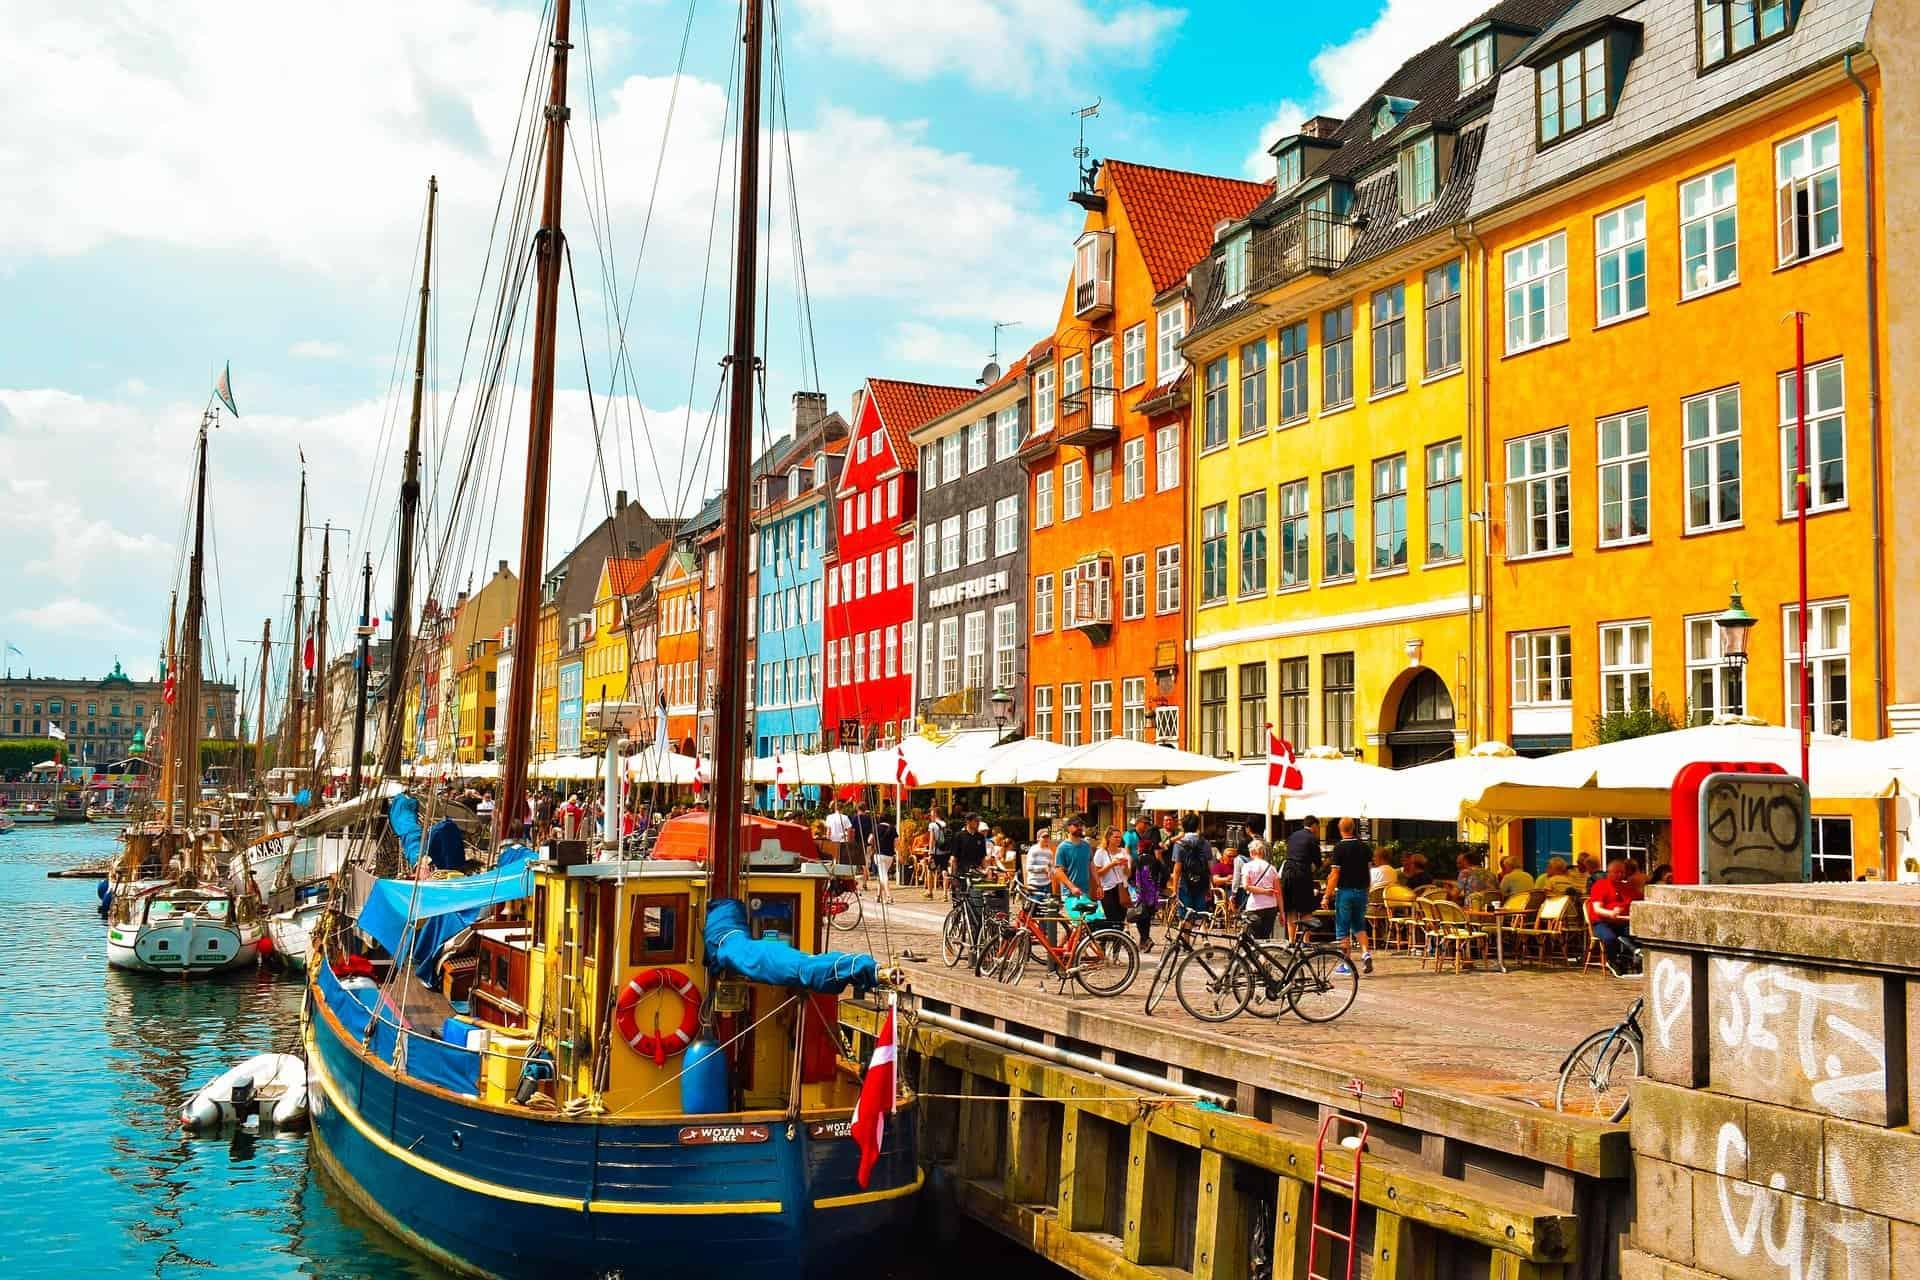 محلات مثلي الجنس في كوبنهاغن